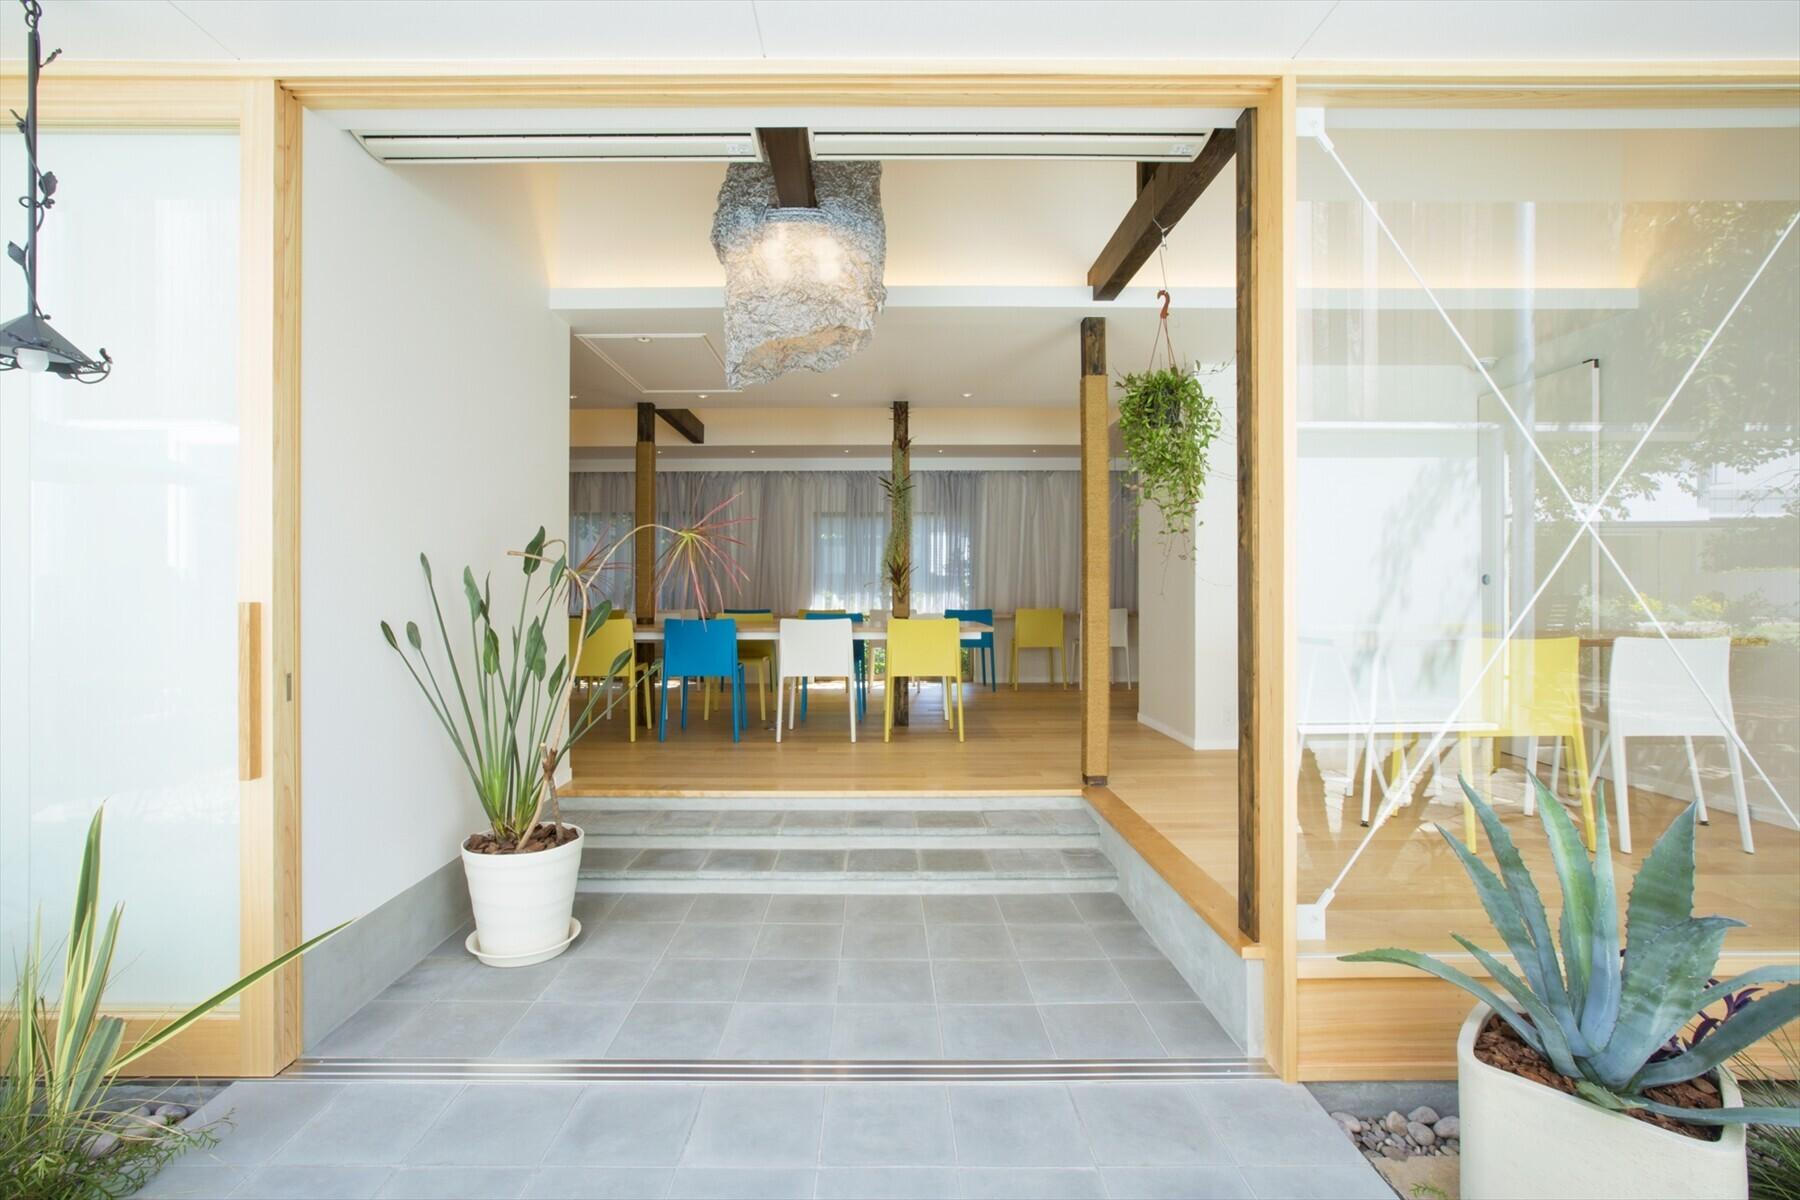 戸建て住宅を社員食堂にコンバージョンの建築事例写真